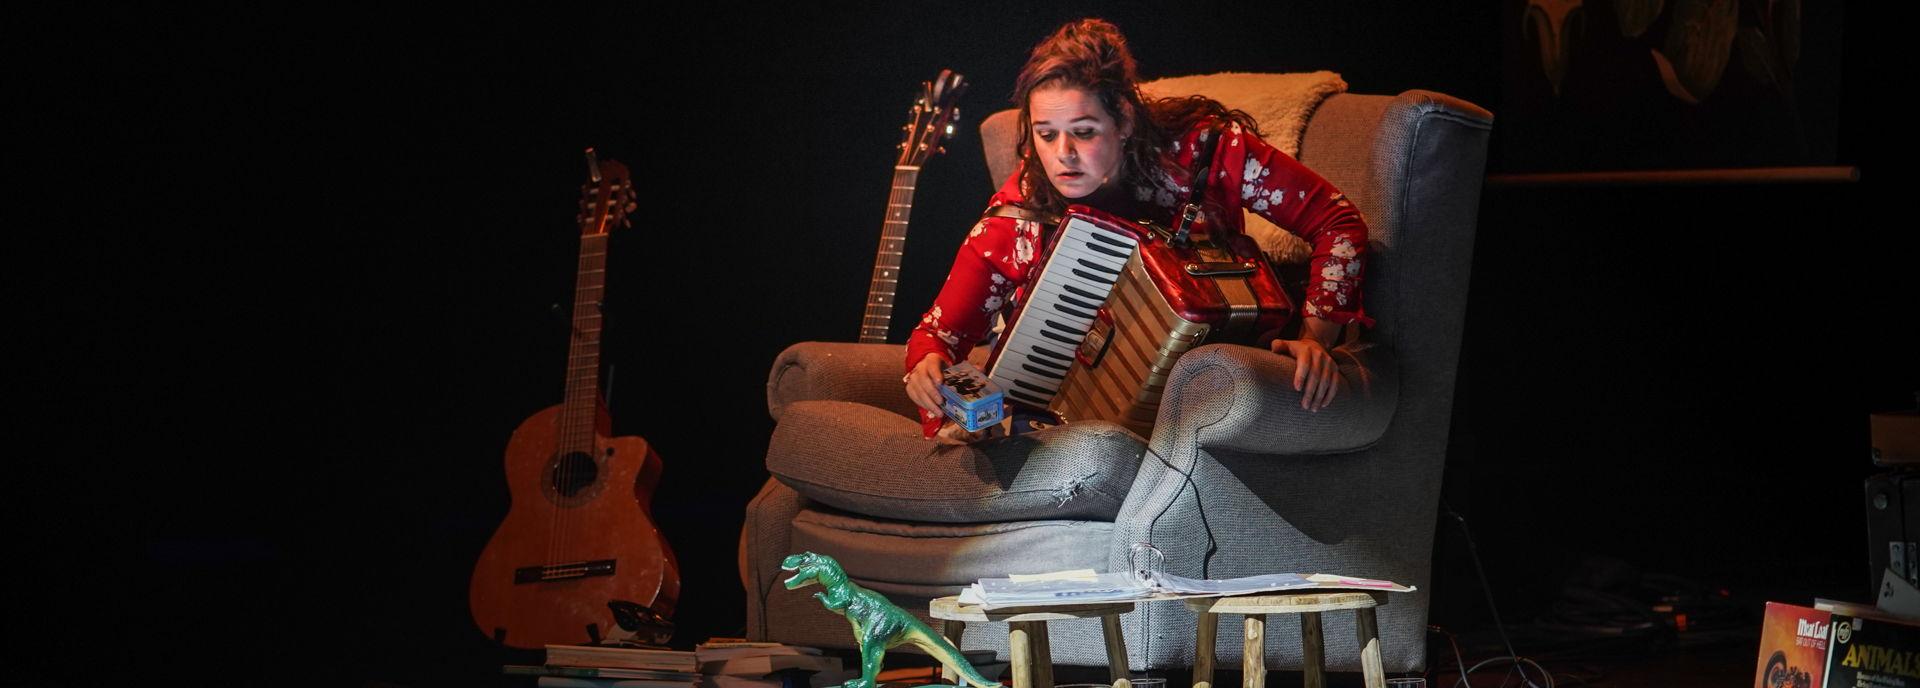 Op 23 februari 2019 was Katinka Polderman te zien in De Tamboer met haar voorstelling Polderman draagt een steentje bij.